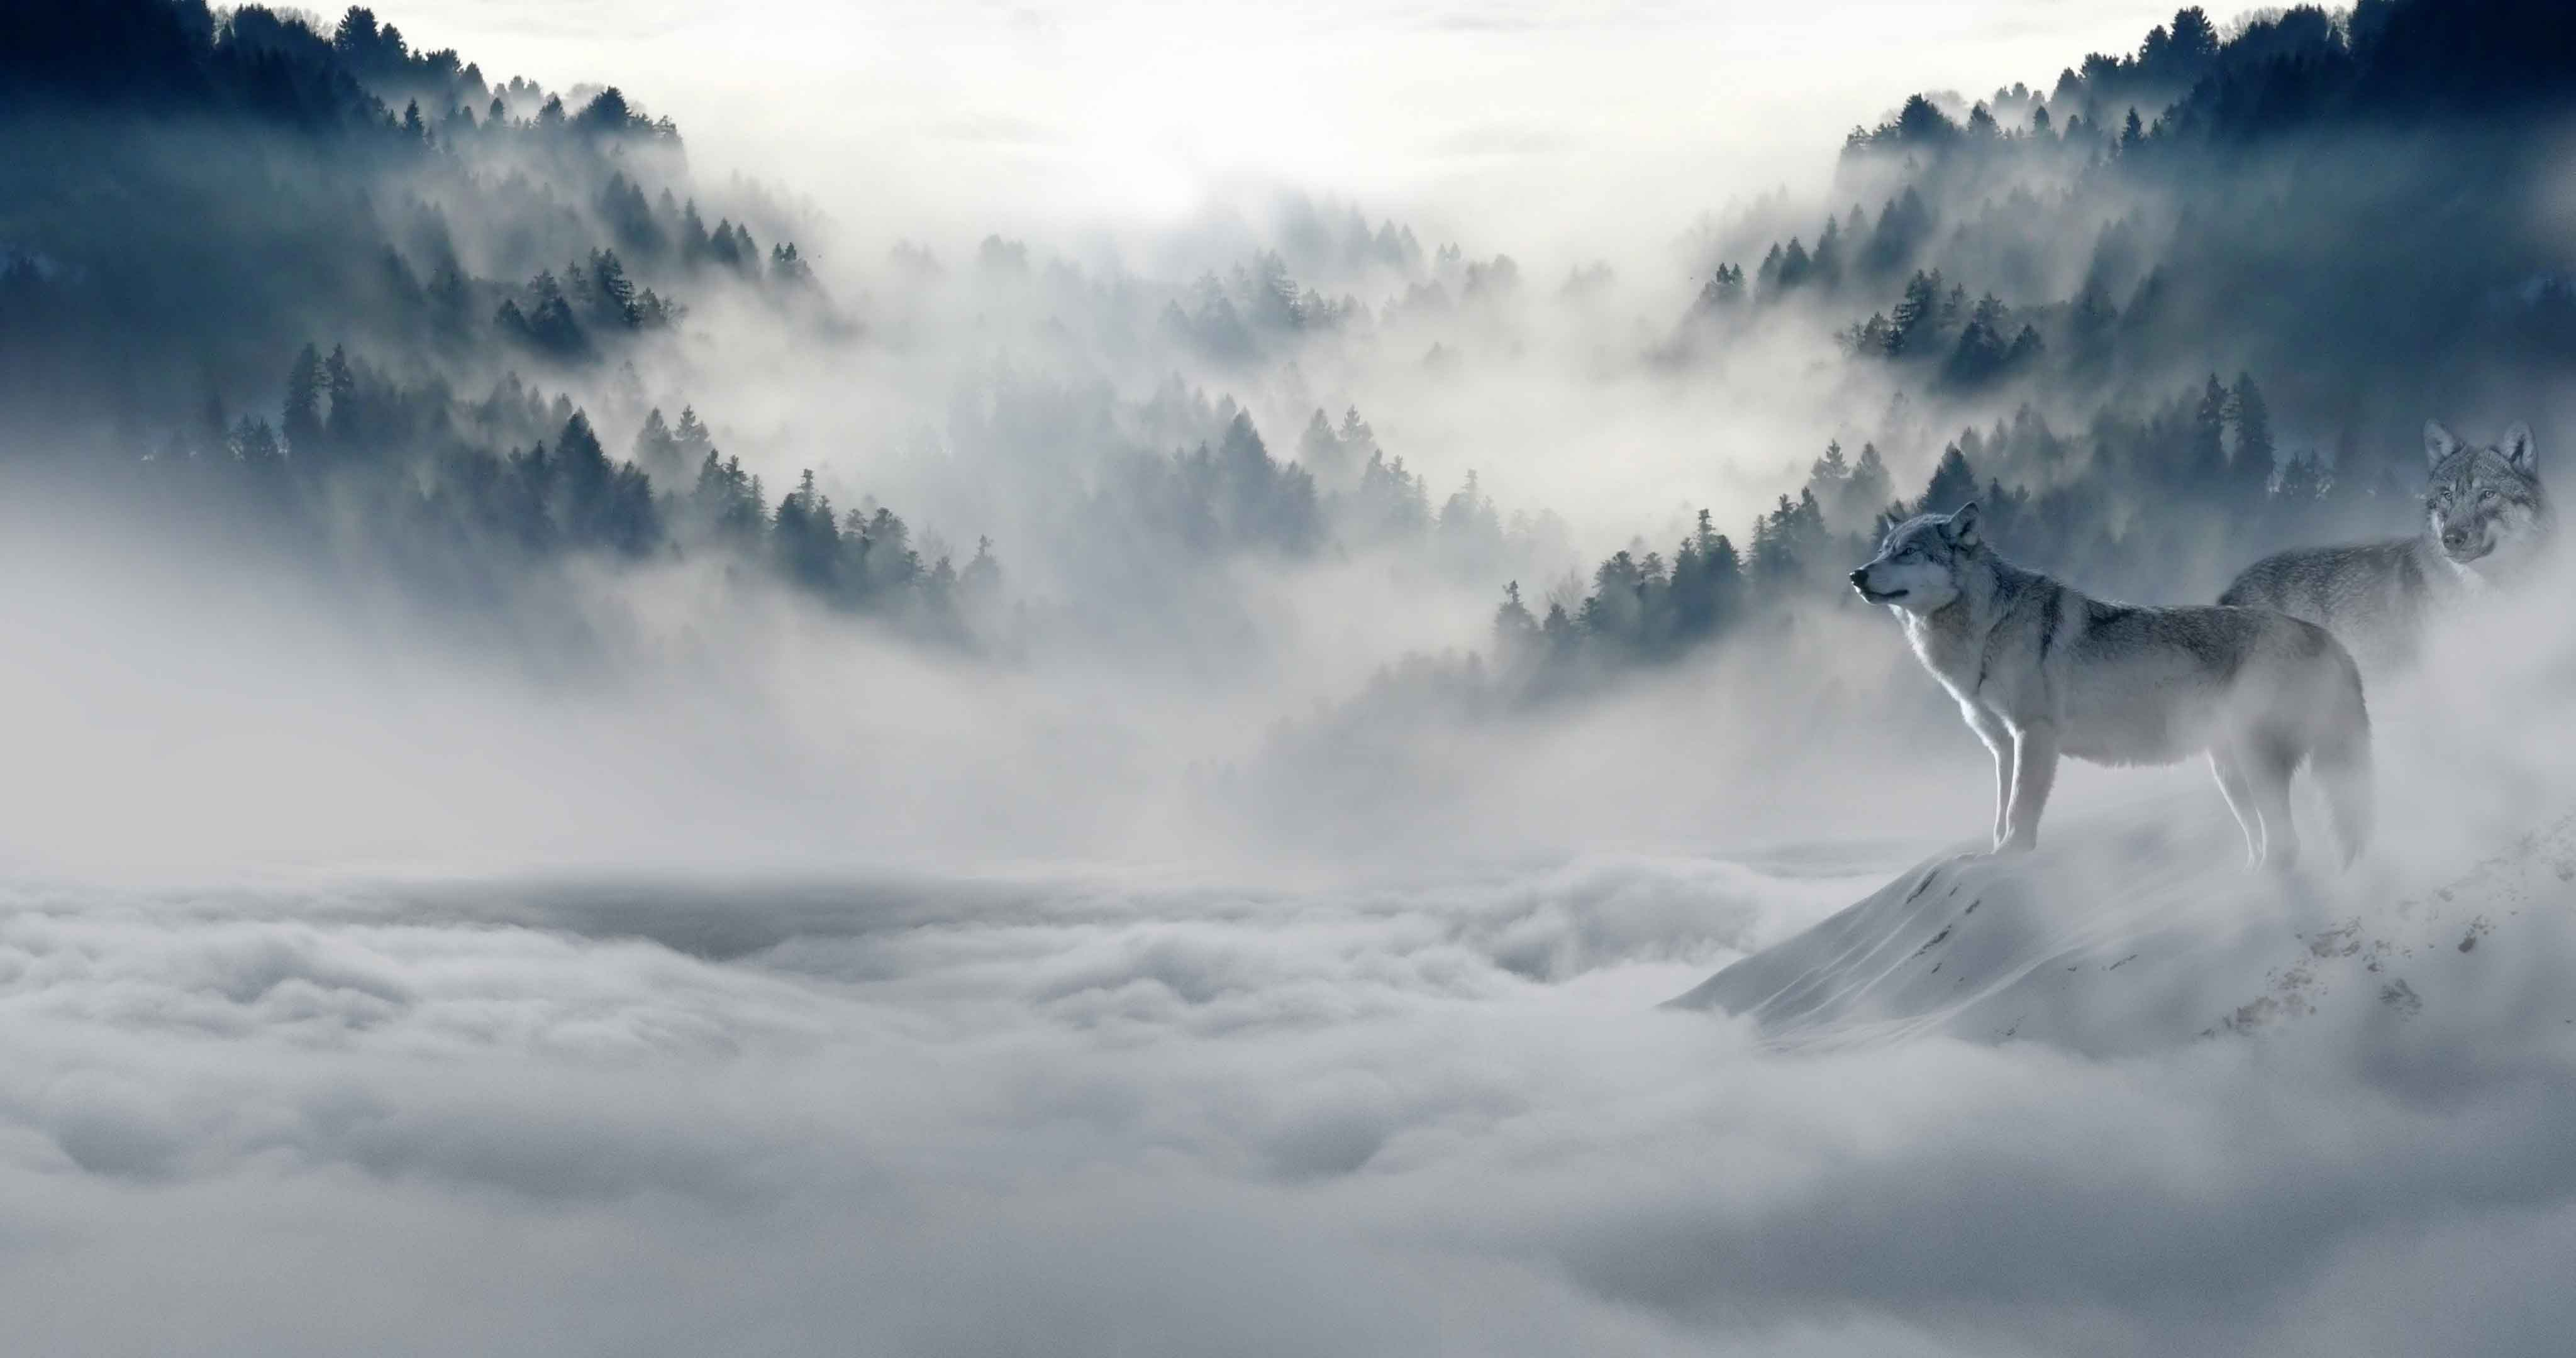 Paysage montagneux, embrumé et enneigé avec une forêt de conifères et deux loups